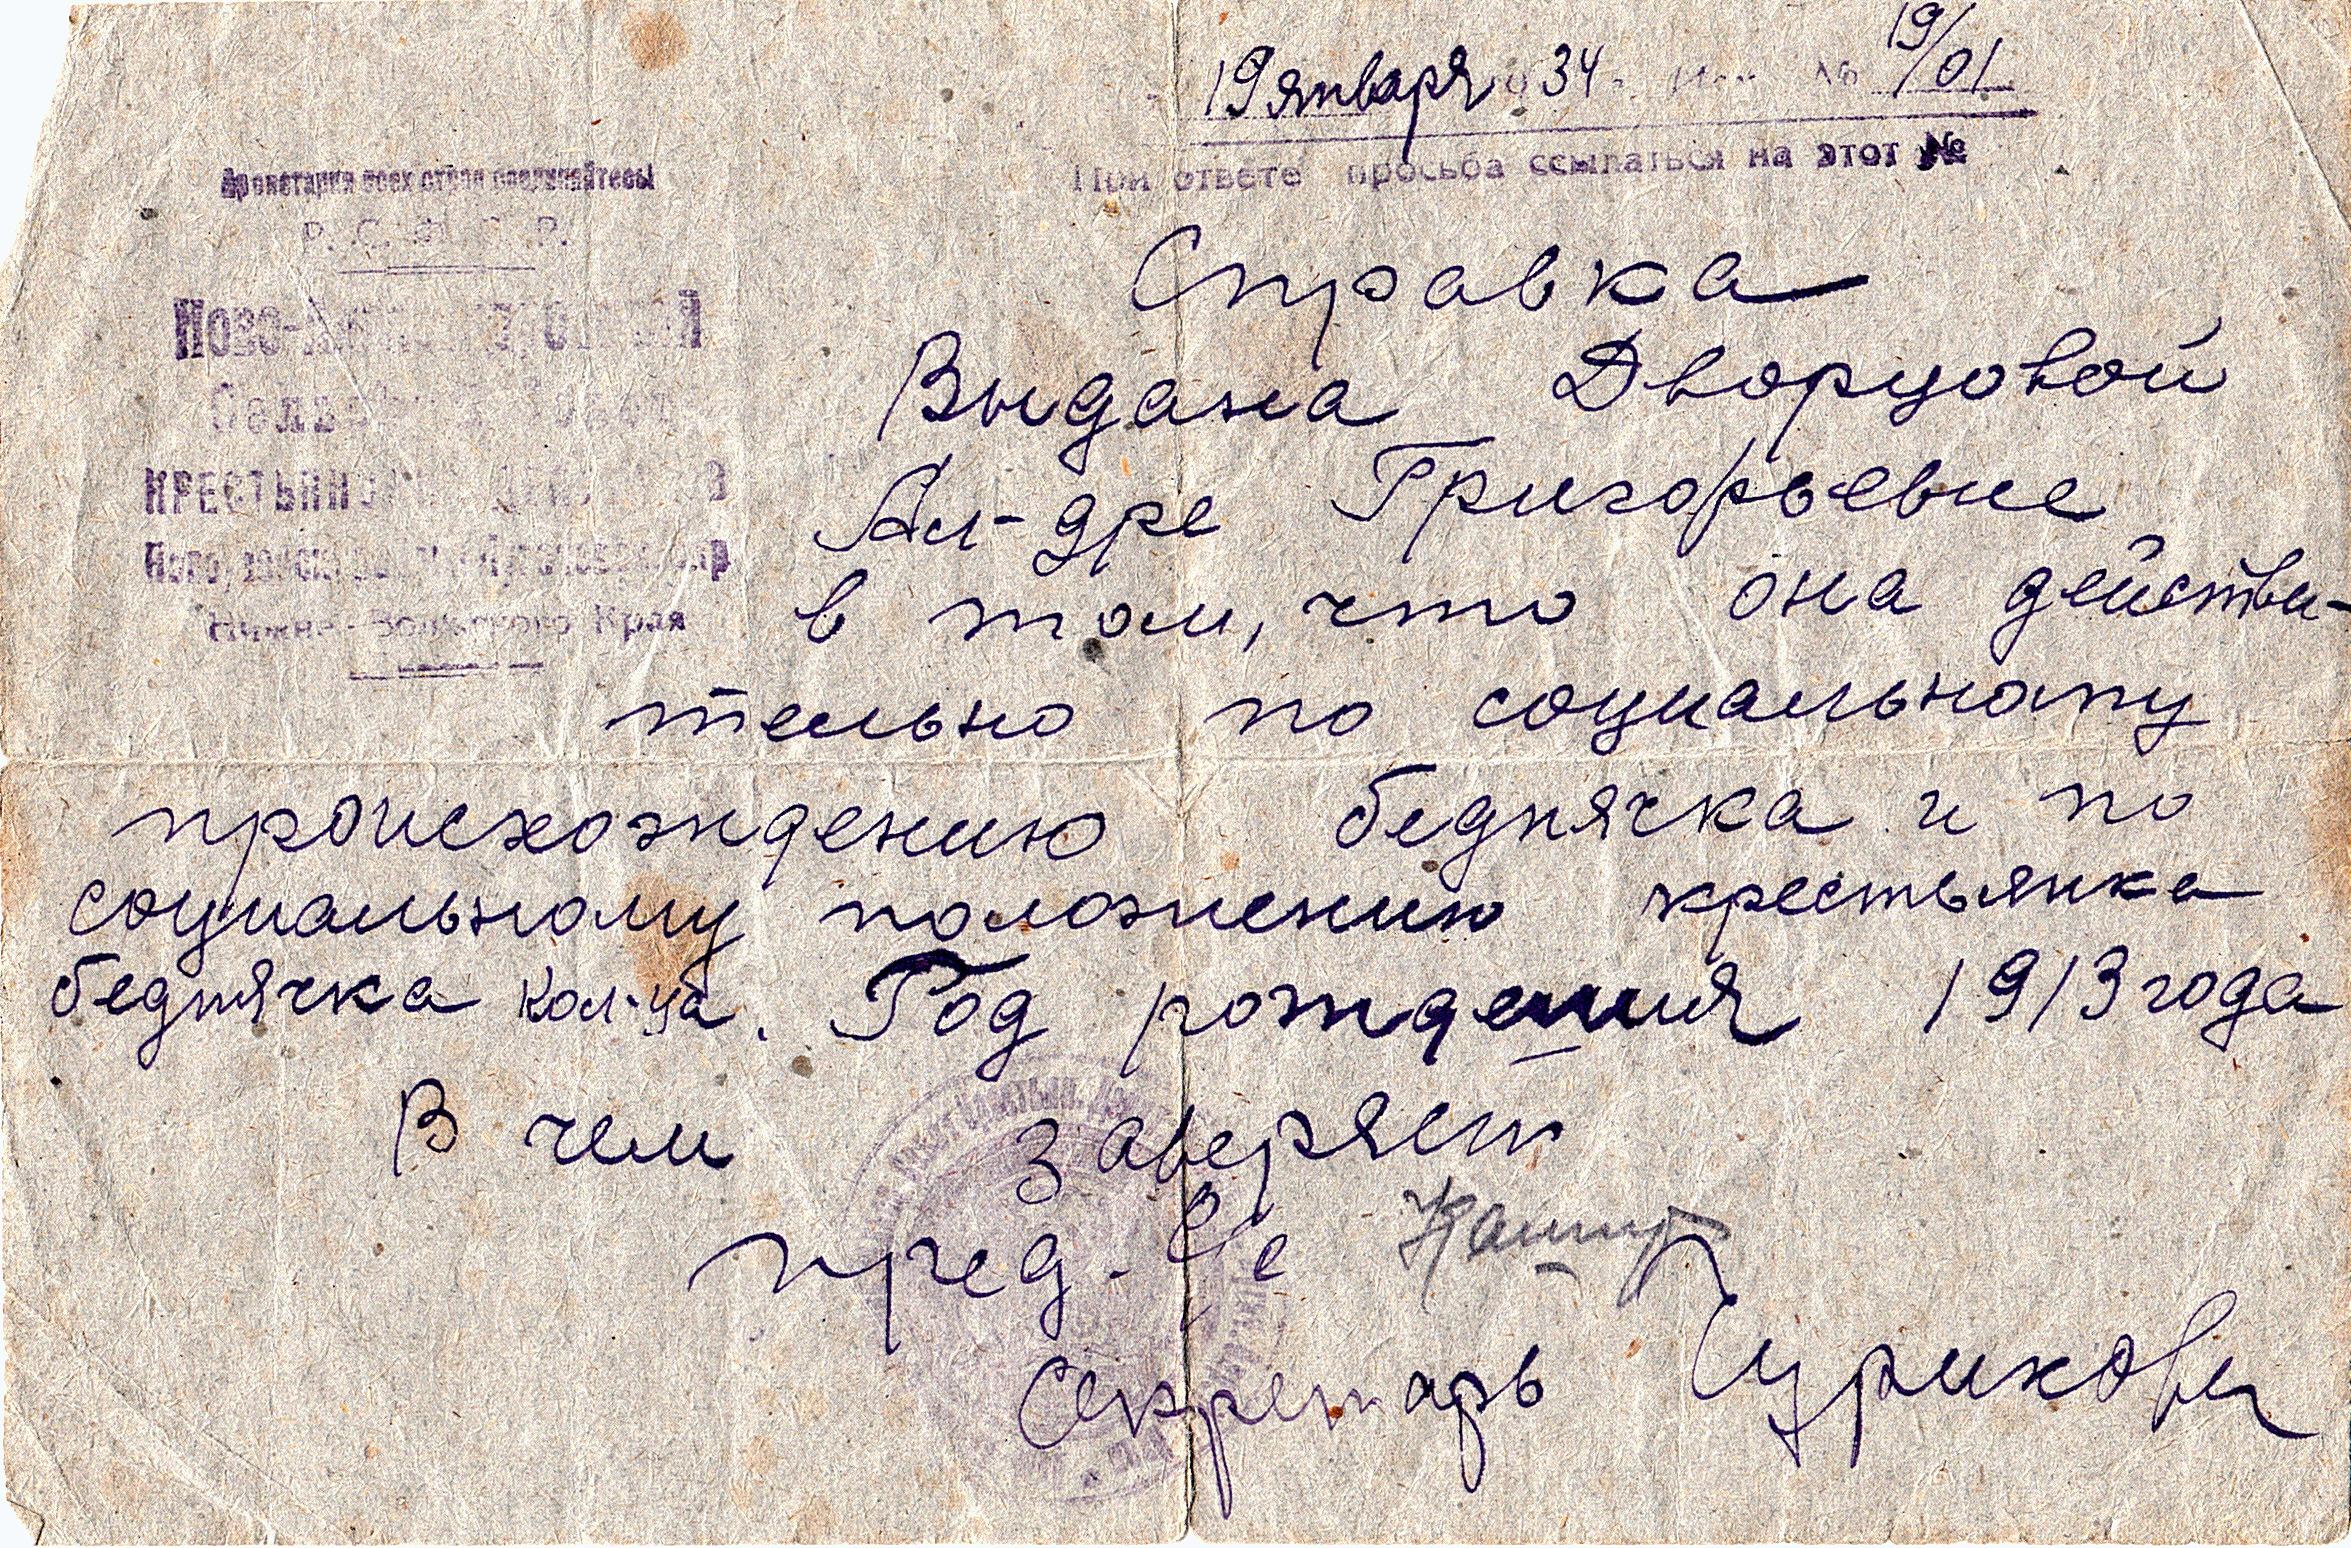 Справка о том, что Александра Григорьевна крестьянка-батрачка, колхозница